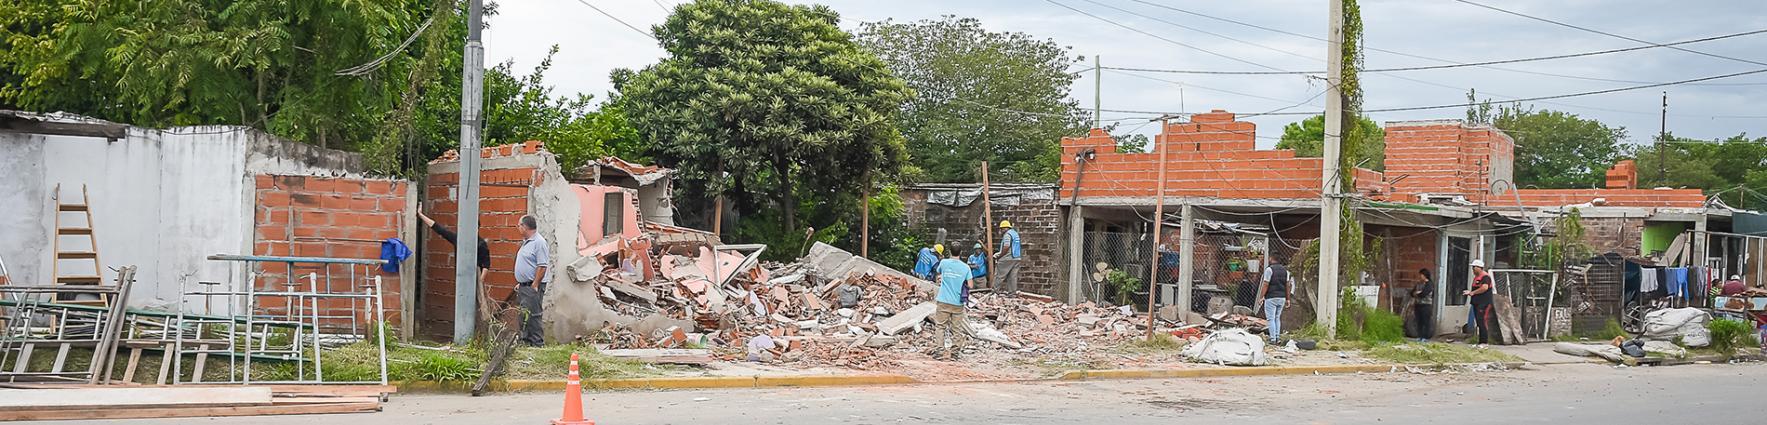 Trabajos de demolición en Villa Banana